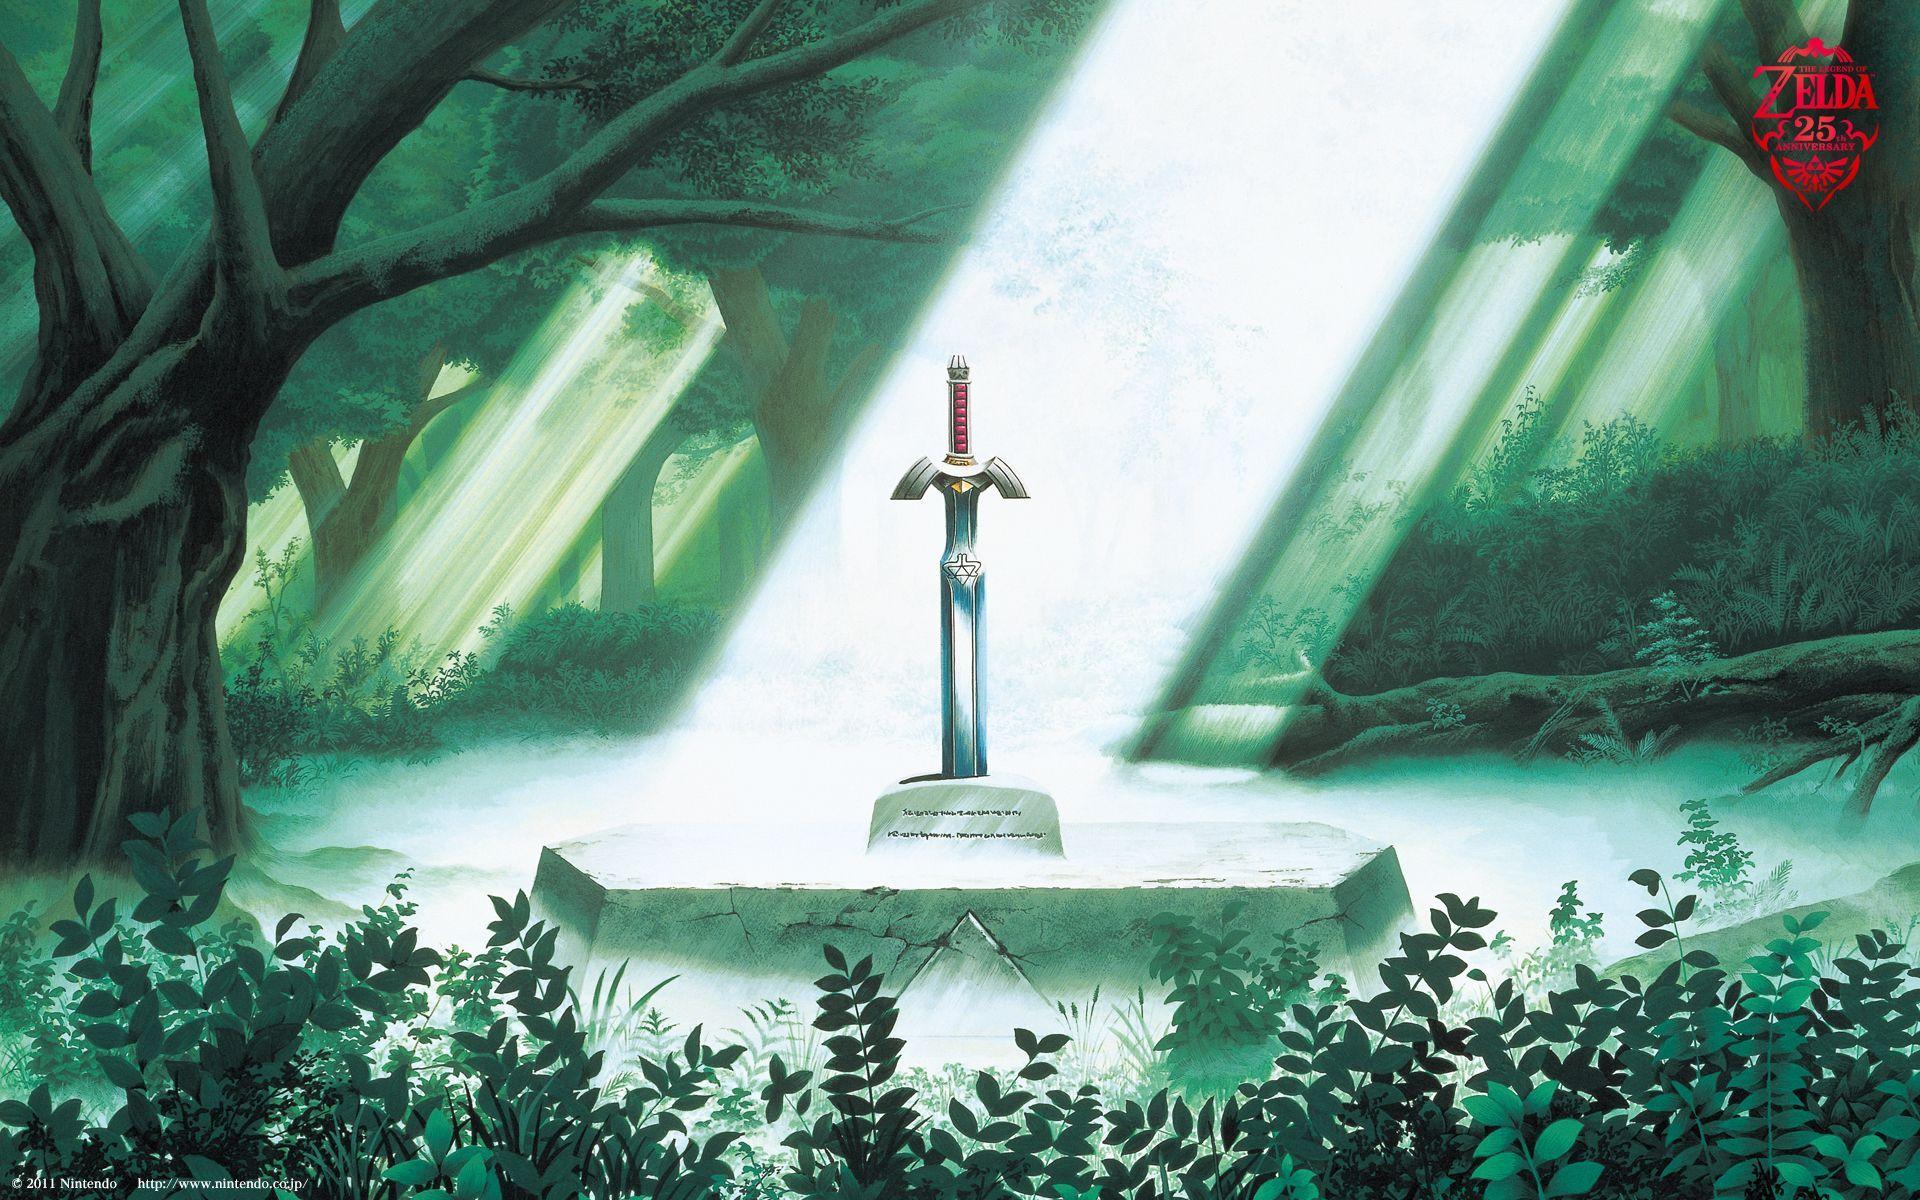 The Legend Of Zelda Master Sword Wallpapers Photo Legend Of Zelda Zelda Master Sword Master Sword